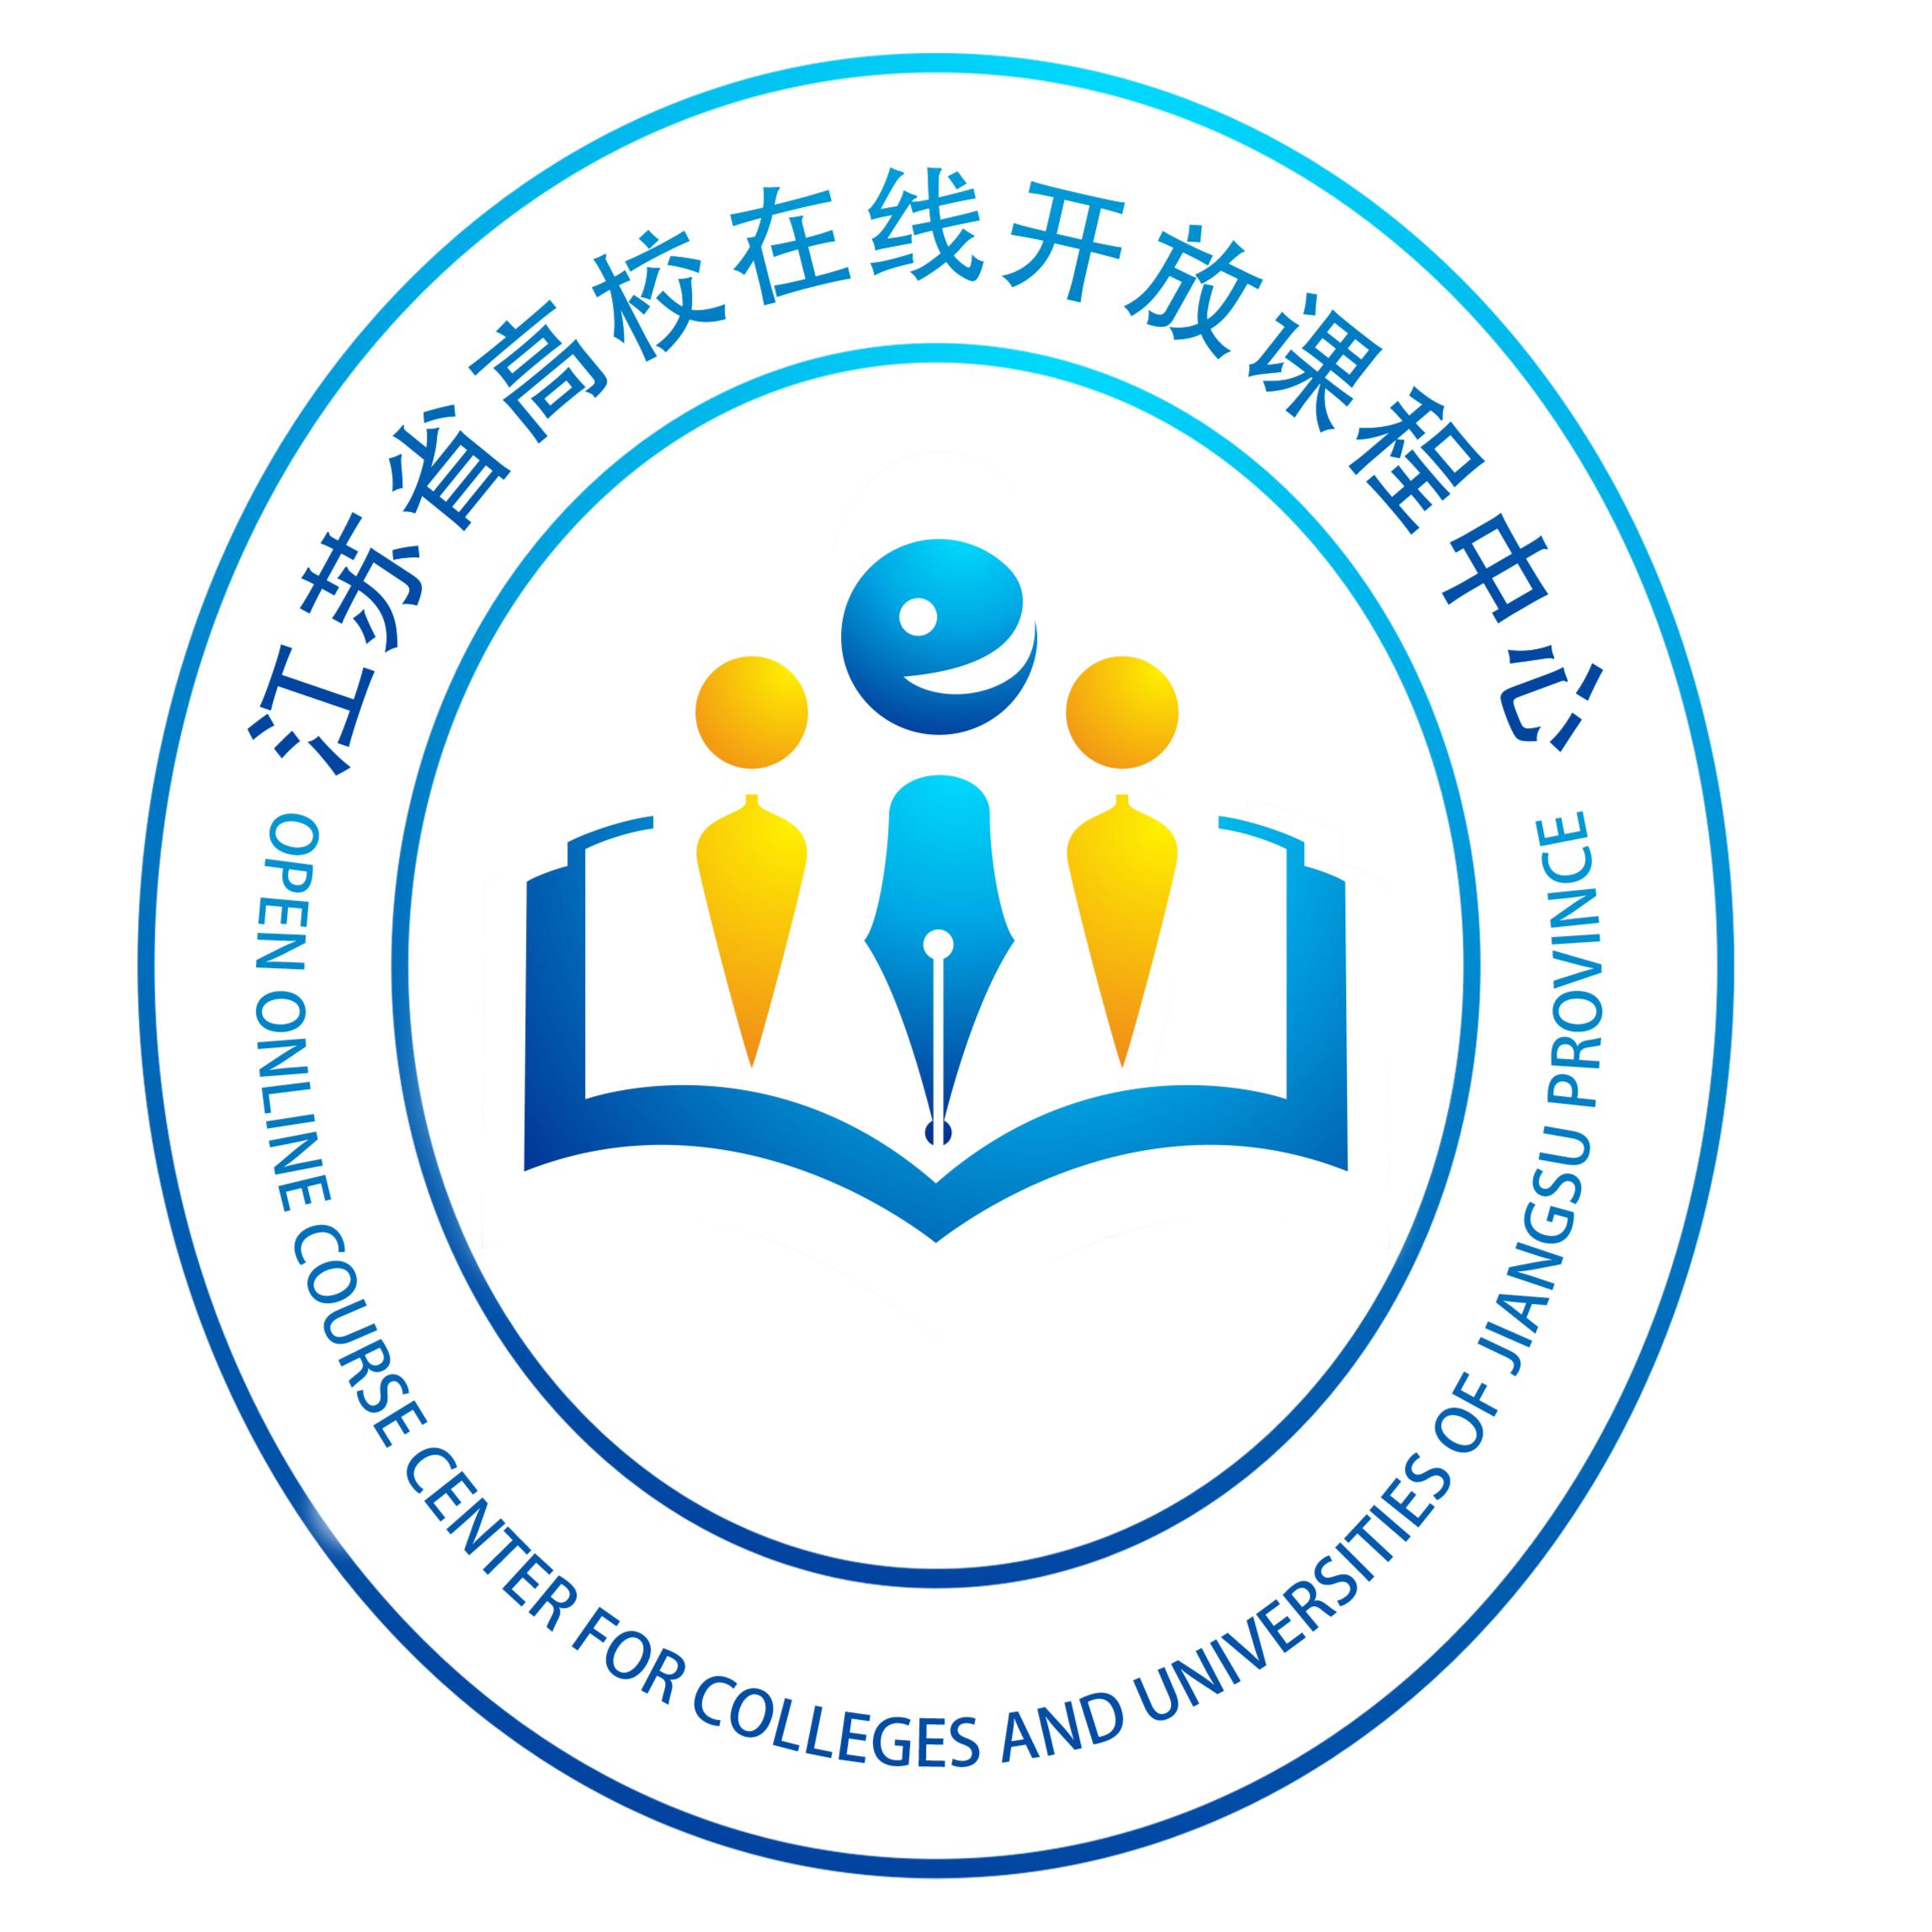 江苏省高校在线开放课程中心